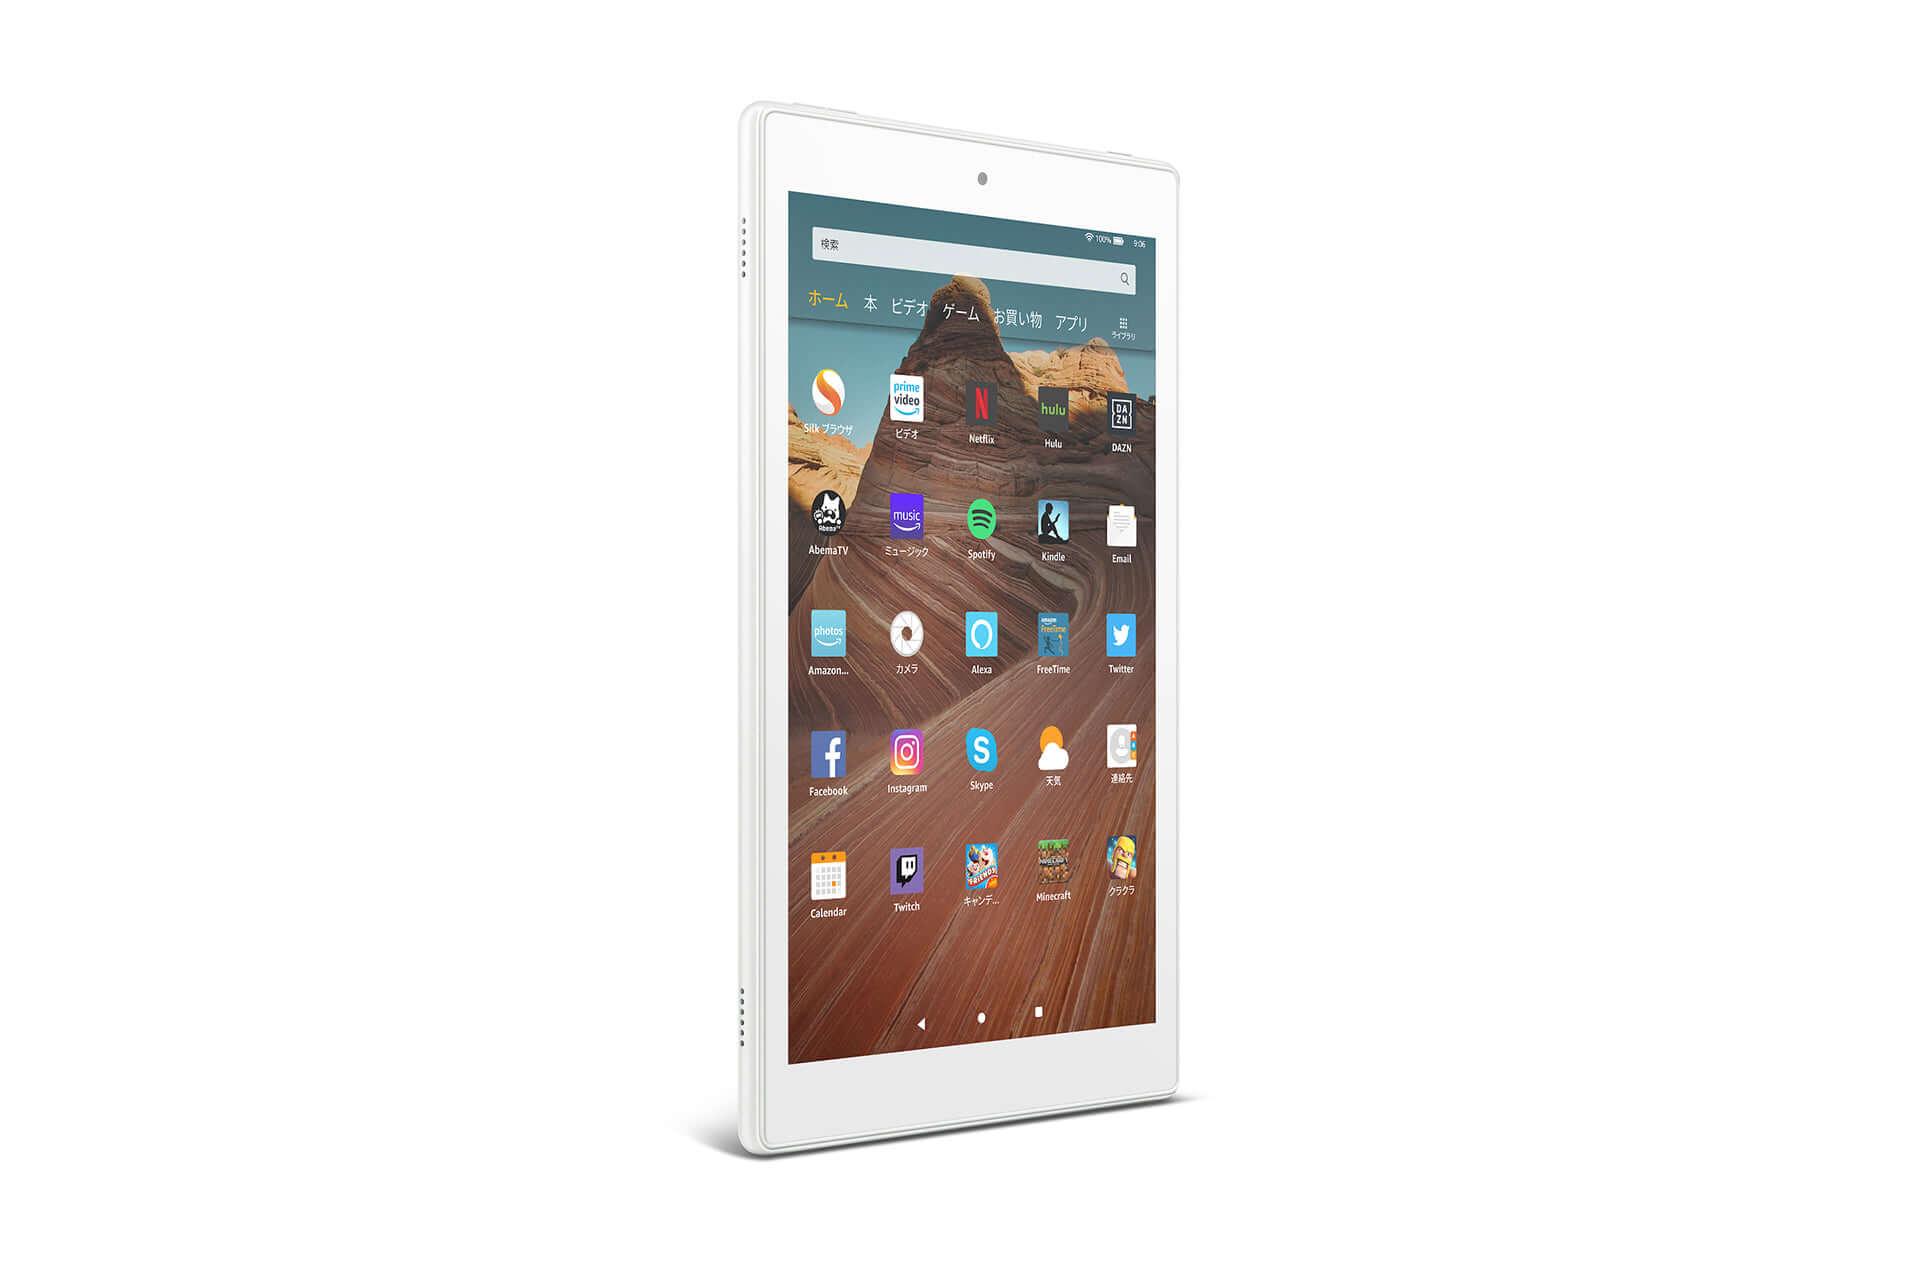 Amazon、大画面10.1インチ、USB Type-C搭載の「Fire HD 10 タブレット」が新登場! tech191008fire-hd-10_01-1920x1280